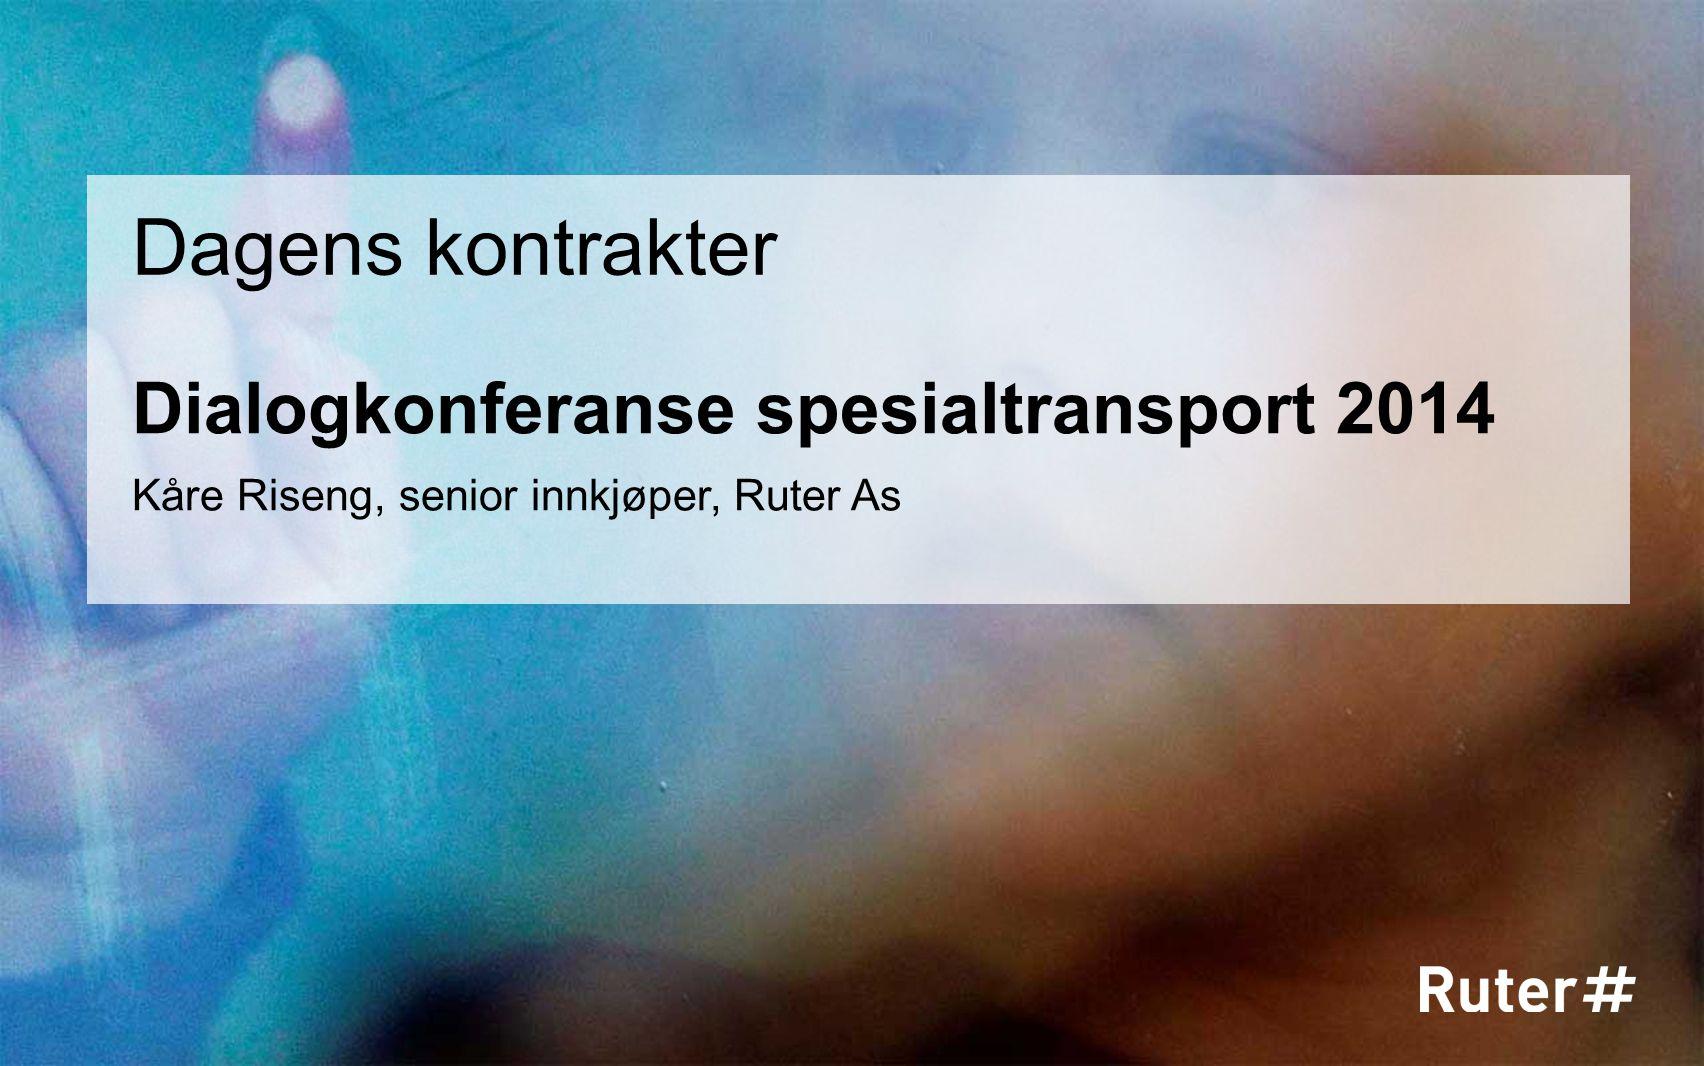 Dialogkonferanse spesialtransport 2014 Dagens kontrakter Kåre Riseng, senior innkjøper, Ruter As